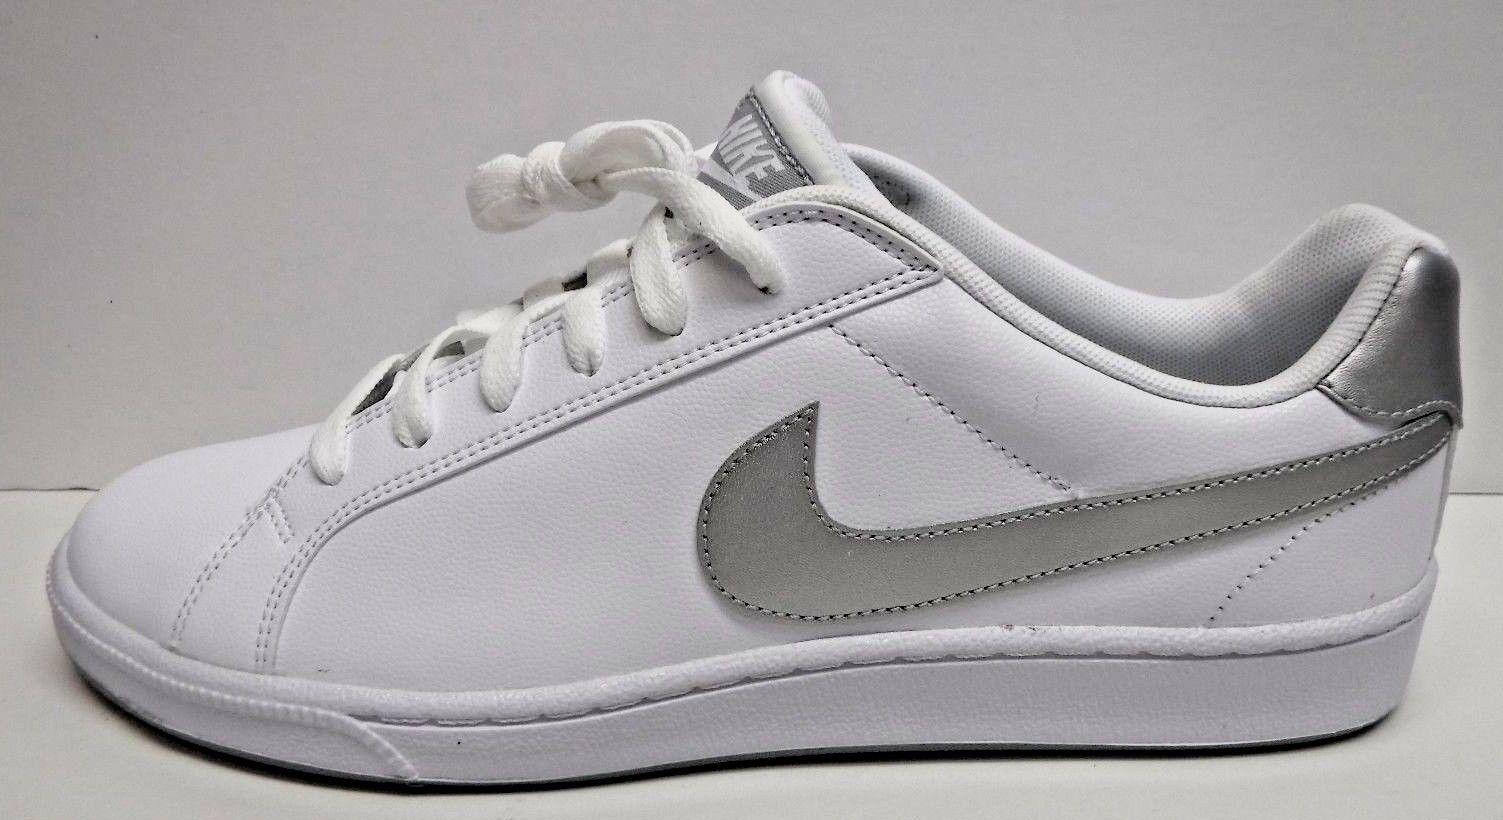 Nike Größe 11 WEISS Sneakers NEU Damenschuhe Schuhes